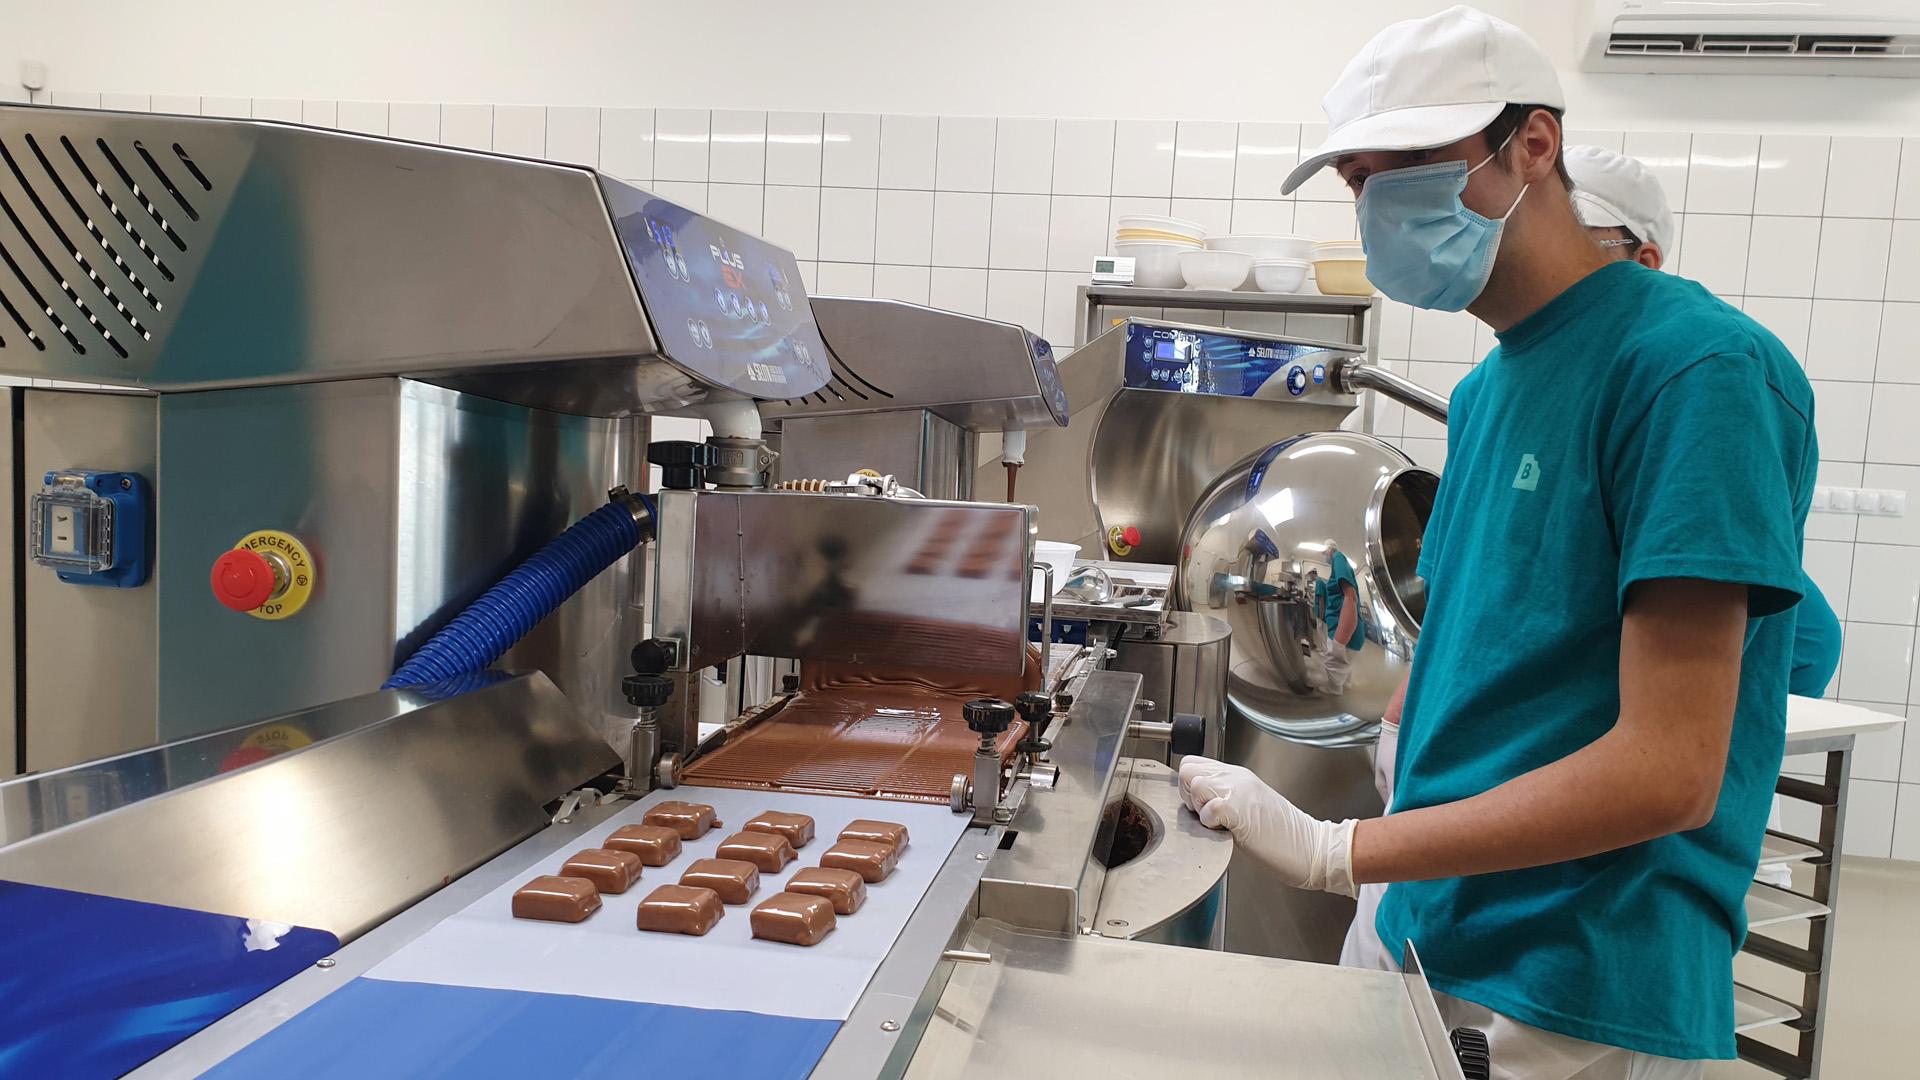 A csokijuk zseniális, a példájuk követendő